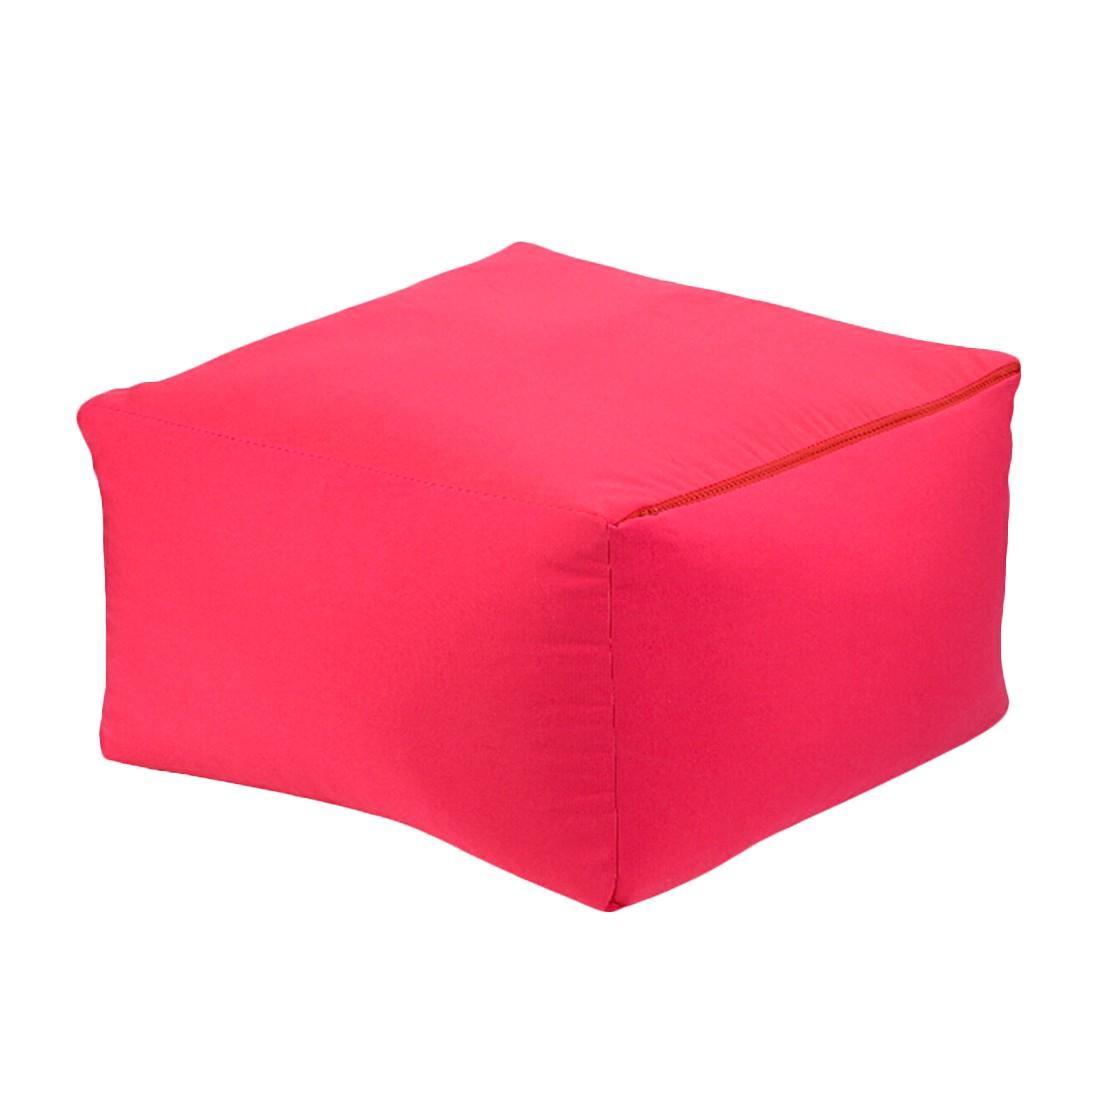 Sitzwürfel 2 in 1Baumwolle impräg. Pink – 50 x 50 cm, KC-Handel günstig online kaufen